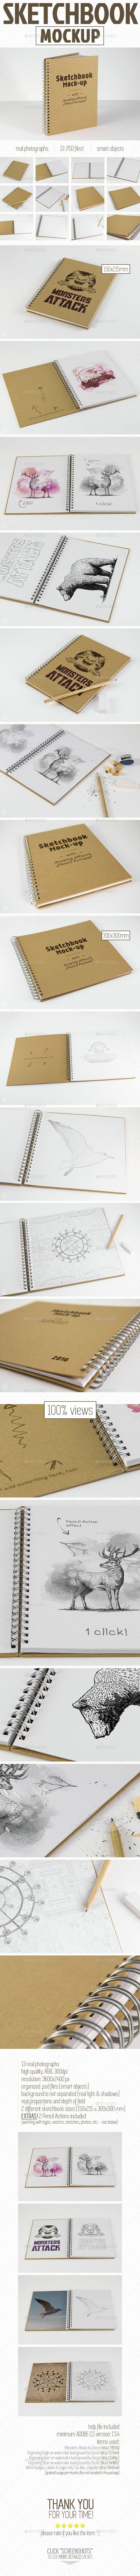 Sketchbook Mock-up & Sketch Actions. Download here: http://graphicriver.net/item/sketchbook-mockup-sketch-actions/15232193?ref=ksioks